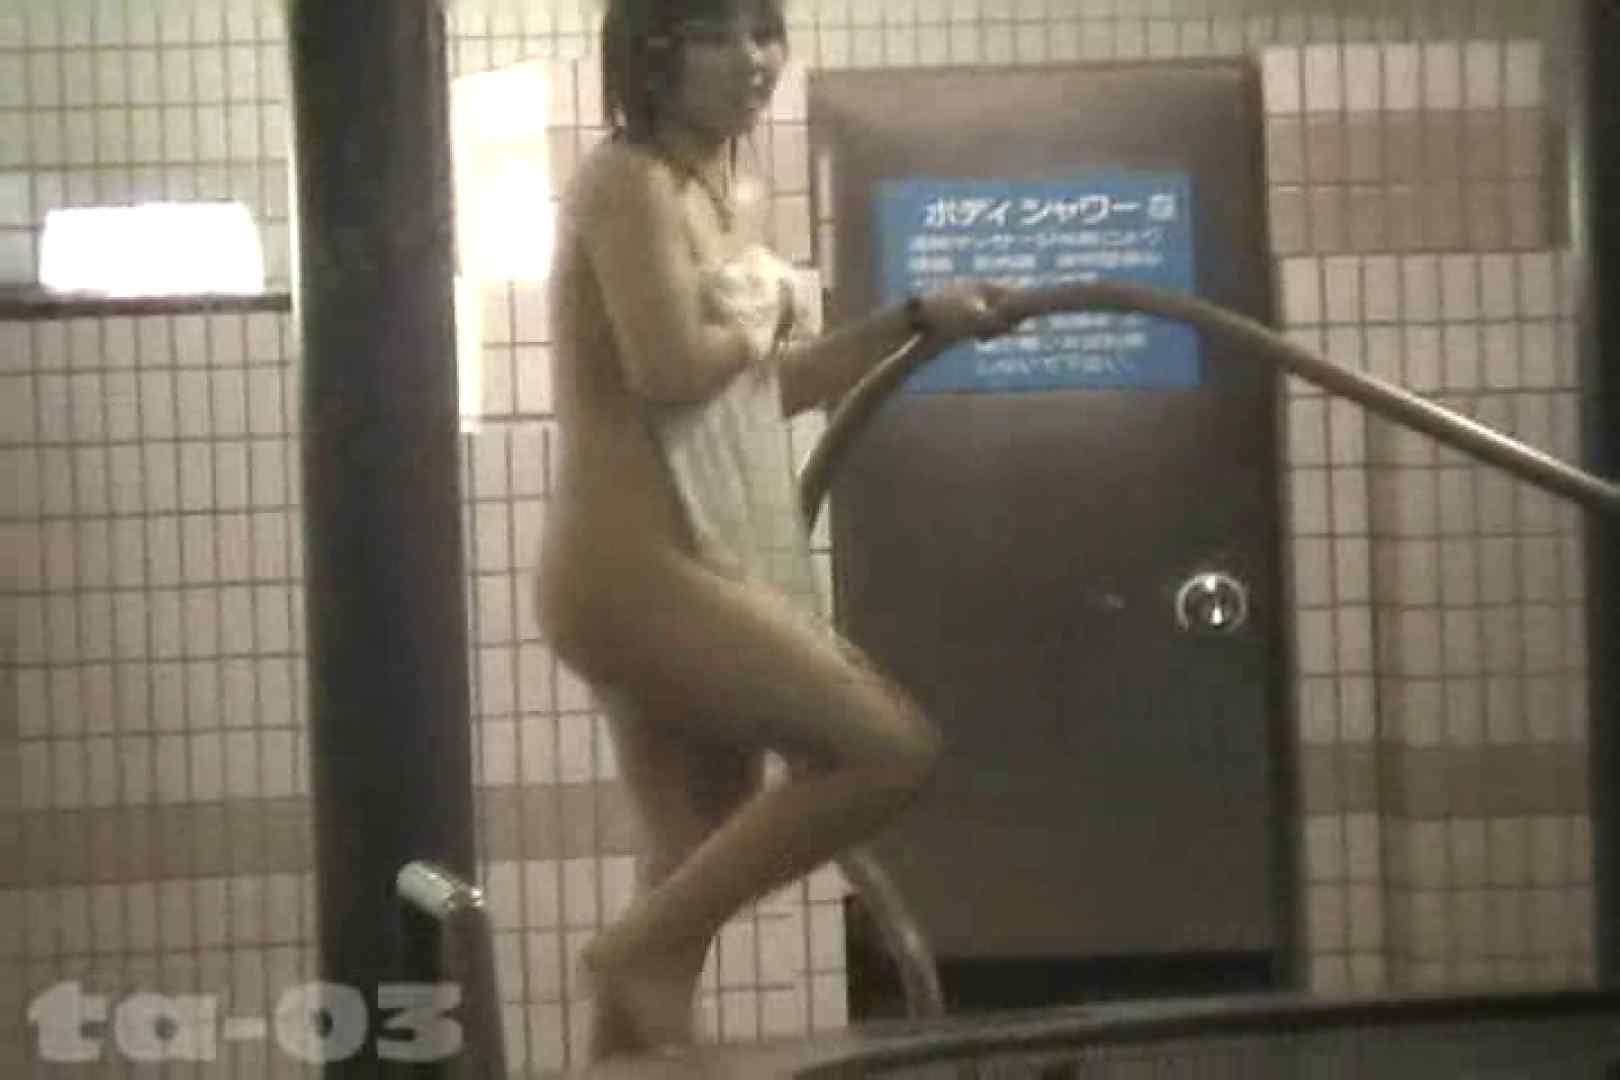 合宿ホテル女風呂盗撮高画質版 Vol.03 高画質 盗み撮りSEX無修正画像 49pic 3